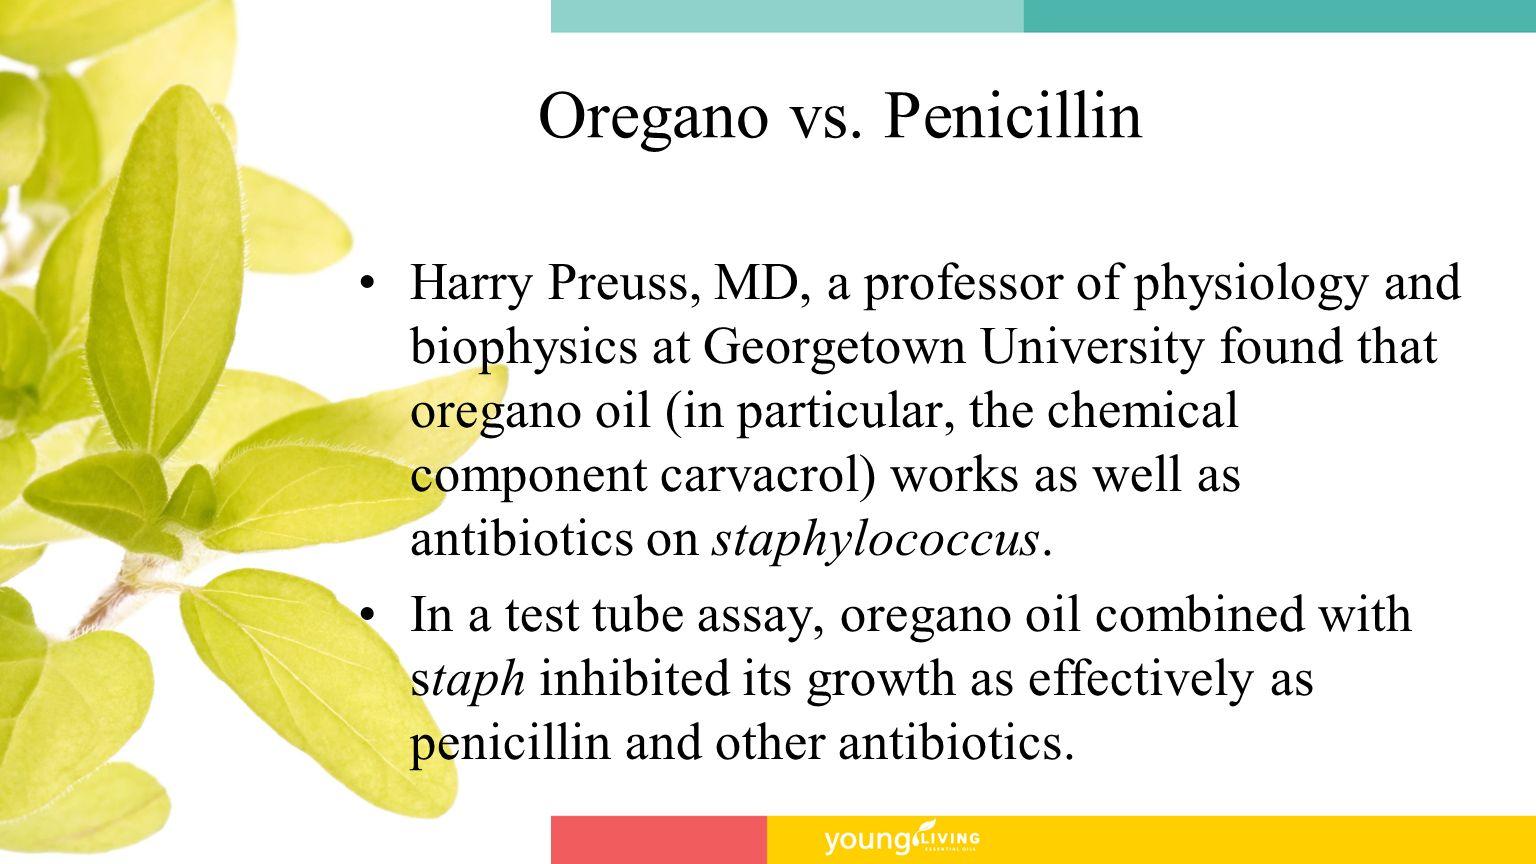 Oregano vs. Penicillin